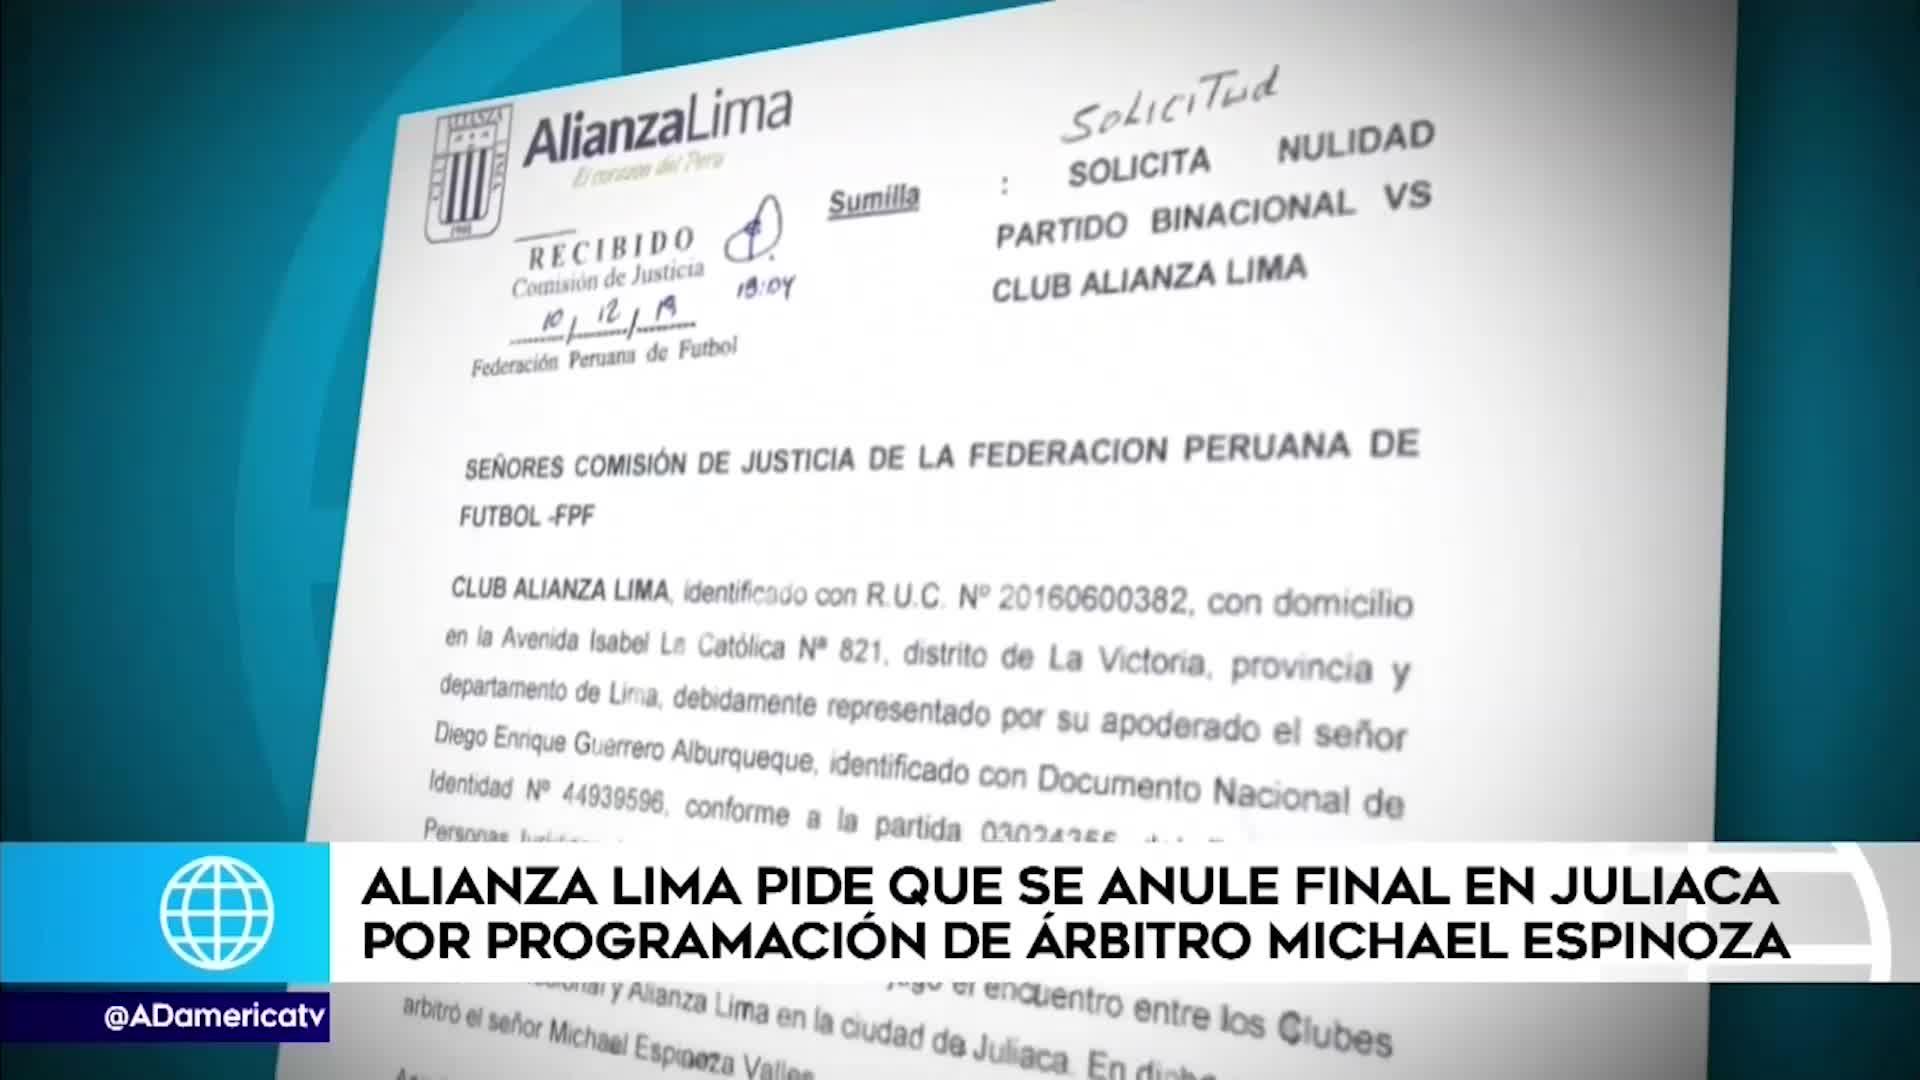 Alianza Lima solicitó la nulidad del partido ante Binacional en Juliaca